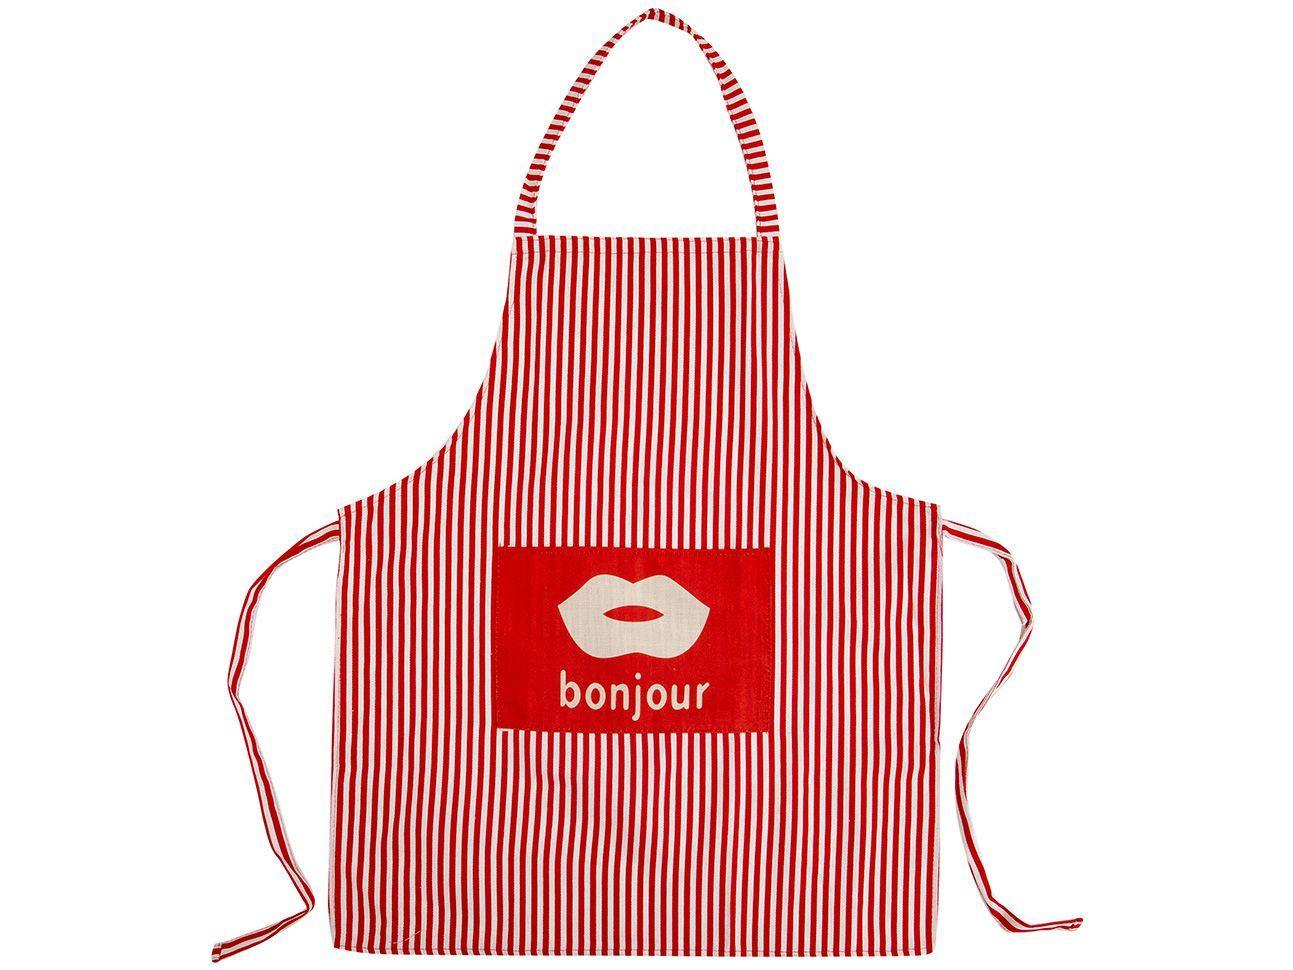 Avental de Cozinha com Bolso Jolitex Ternille - Design Bonjour Listrado Vermelho e Branco